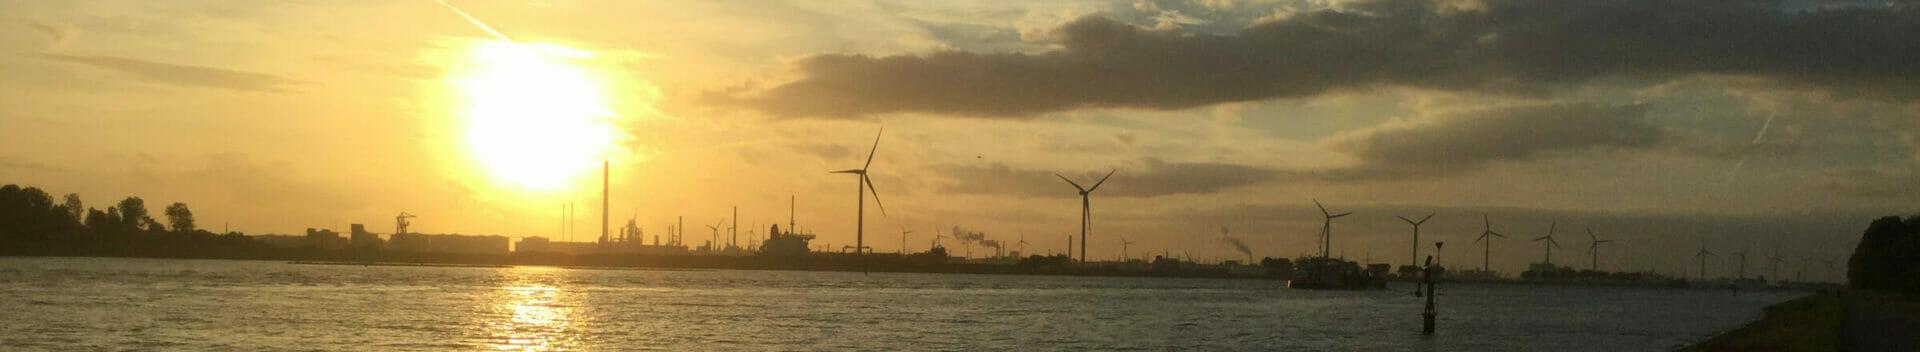 Hafen von Rotterdam, ganz viele Windkraftanlagen von weitem, dazu eine rote, schöne Sonne - Niederlande.